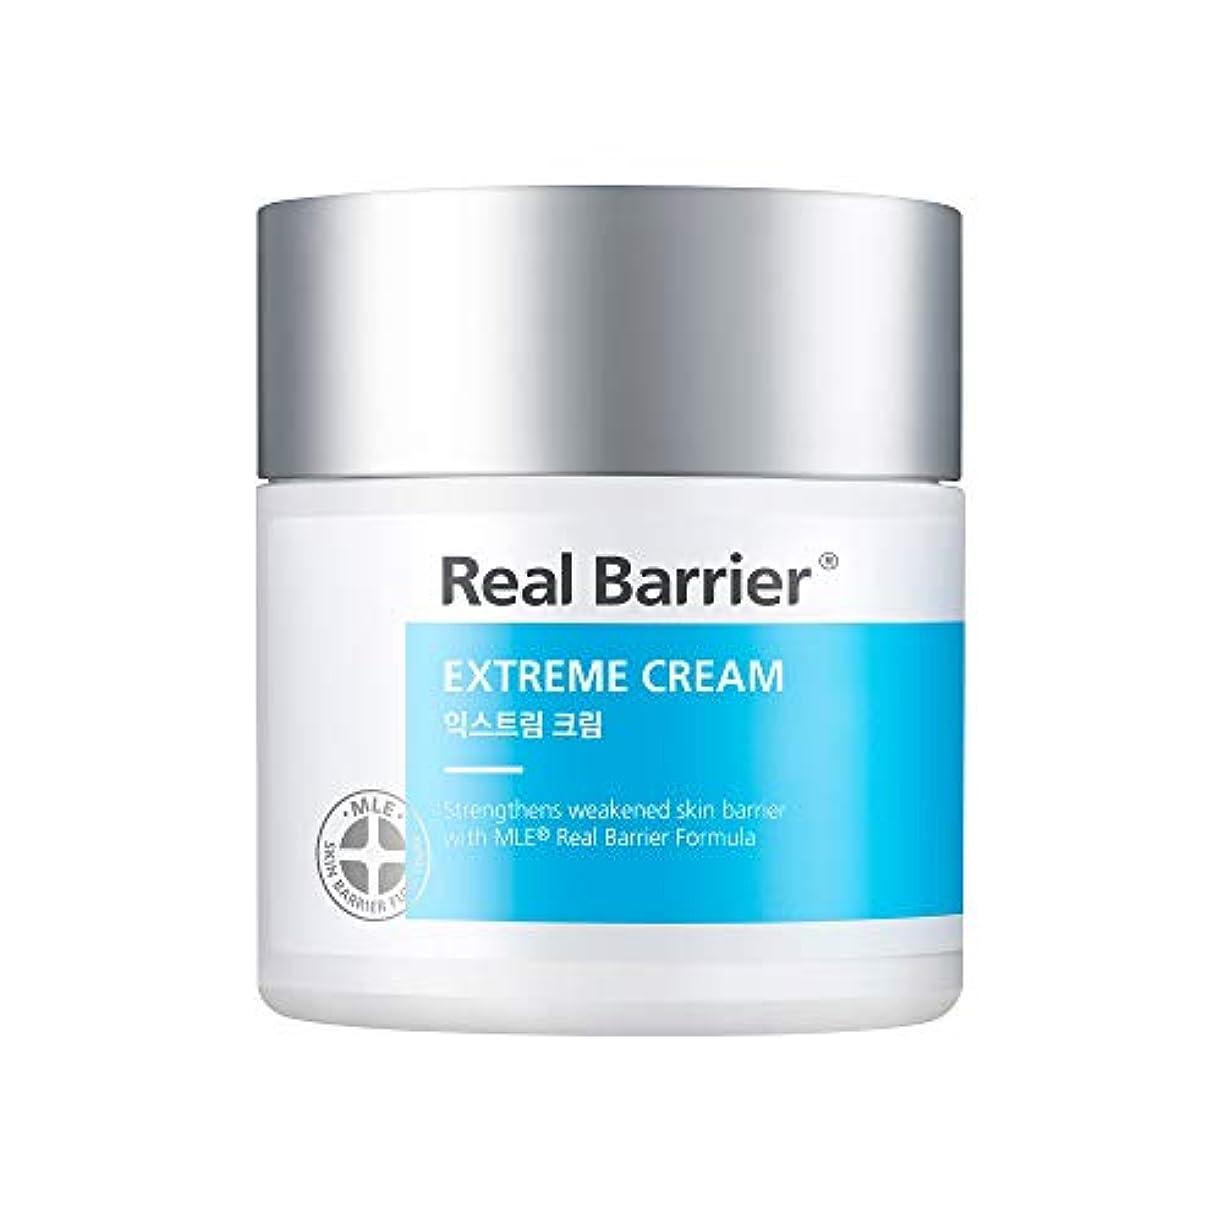 ブランド名優しさメジャーアトパーム(atopalm) リアルベリアエクストリームクリーム/Atopam Real Barrier Extreme Cream